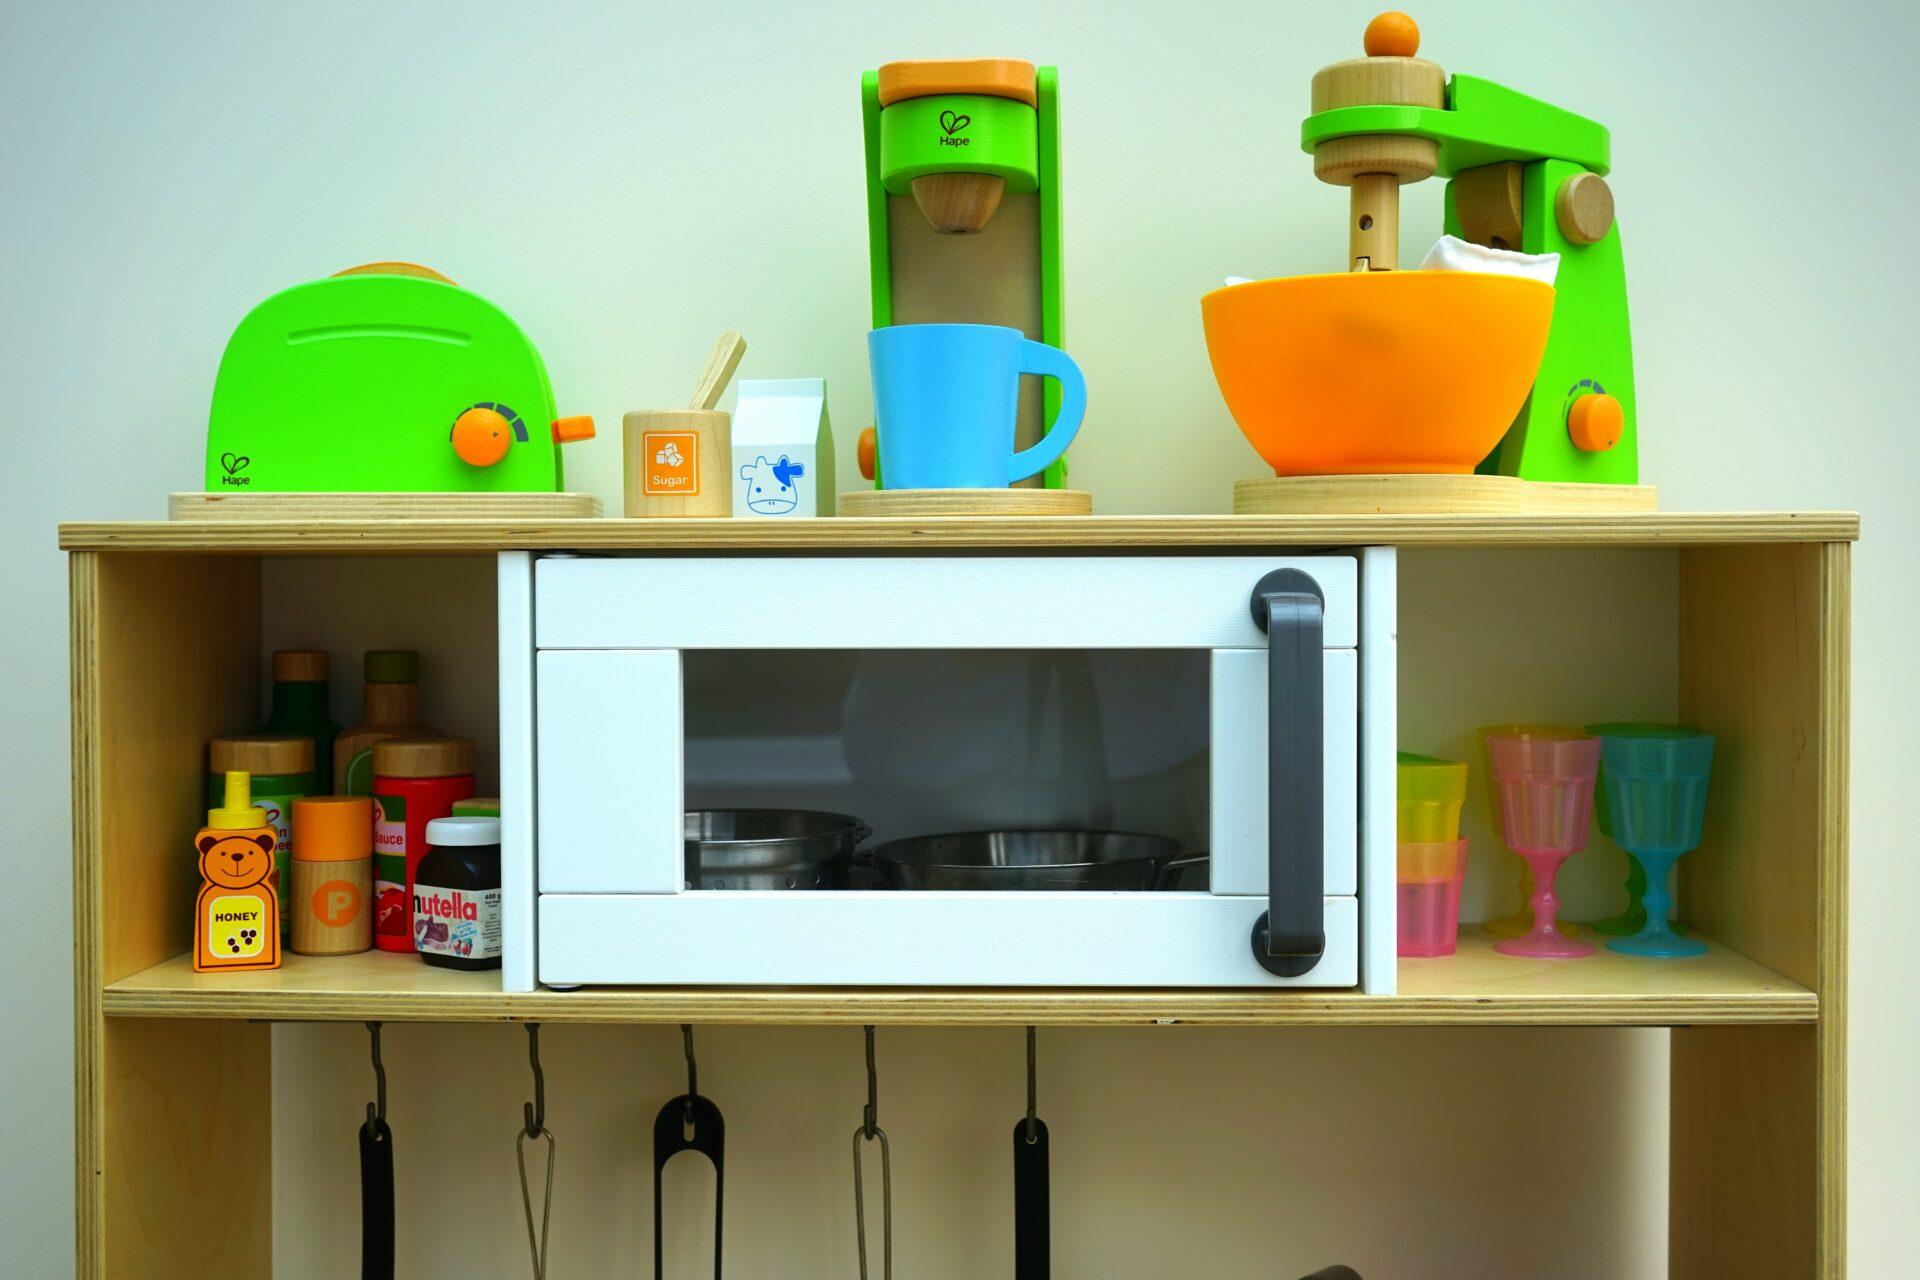 Диетолог Круглова: Разогрев микроволновкой еды в пластиковой посуде вреден